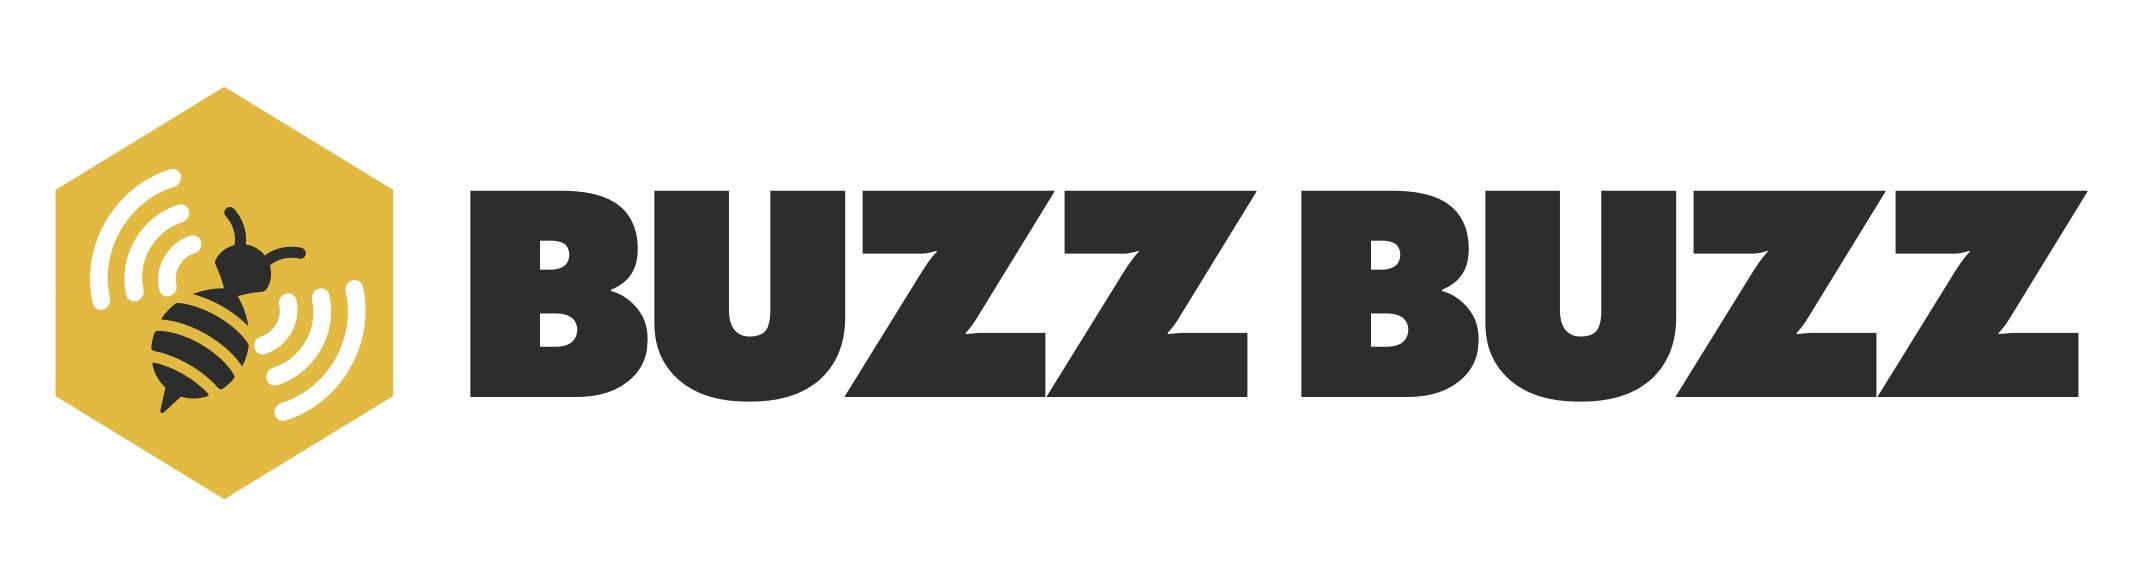 Buzz Buzz Internet